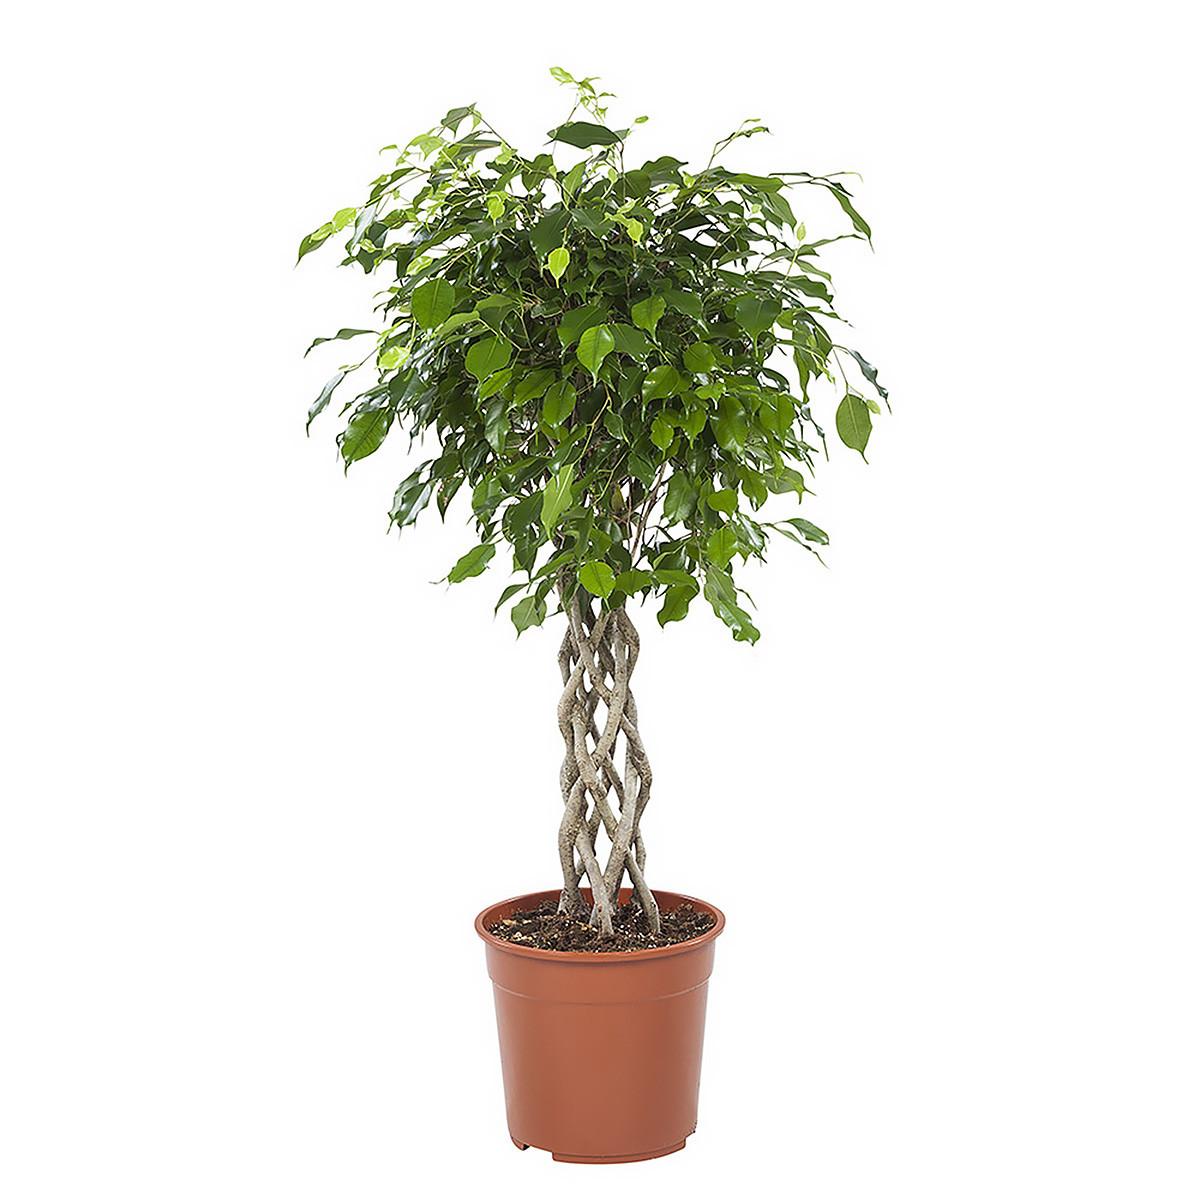 Ficus exotica metkokerstam100 cm